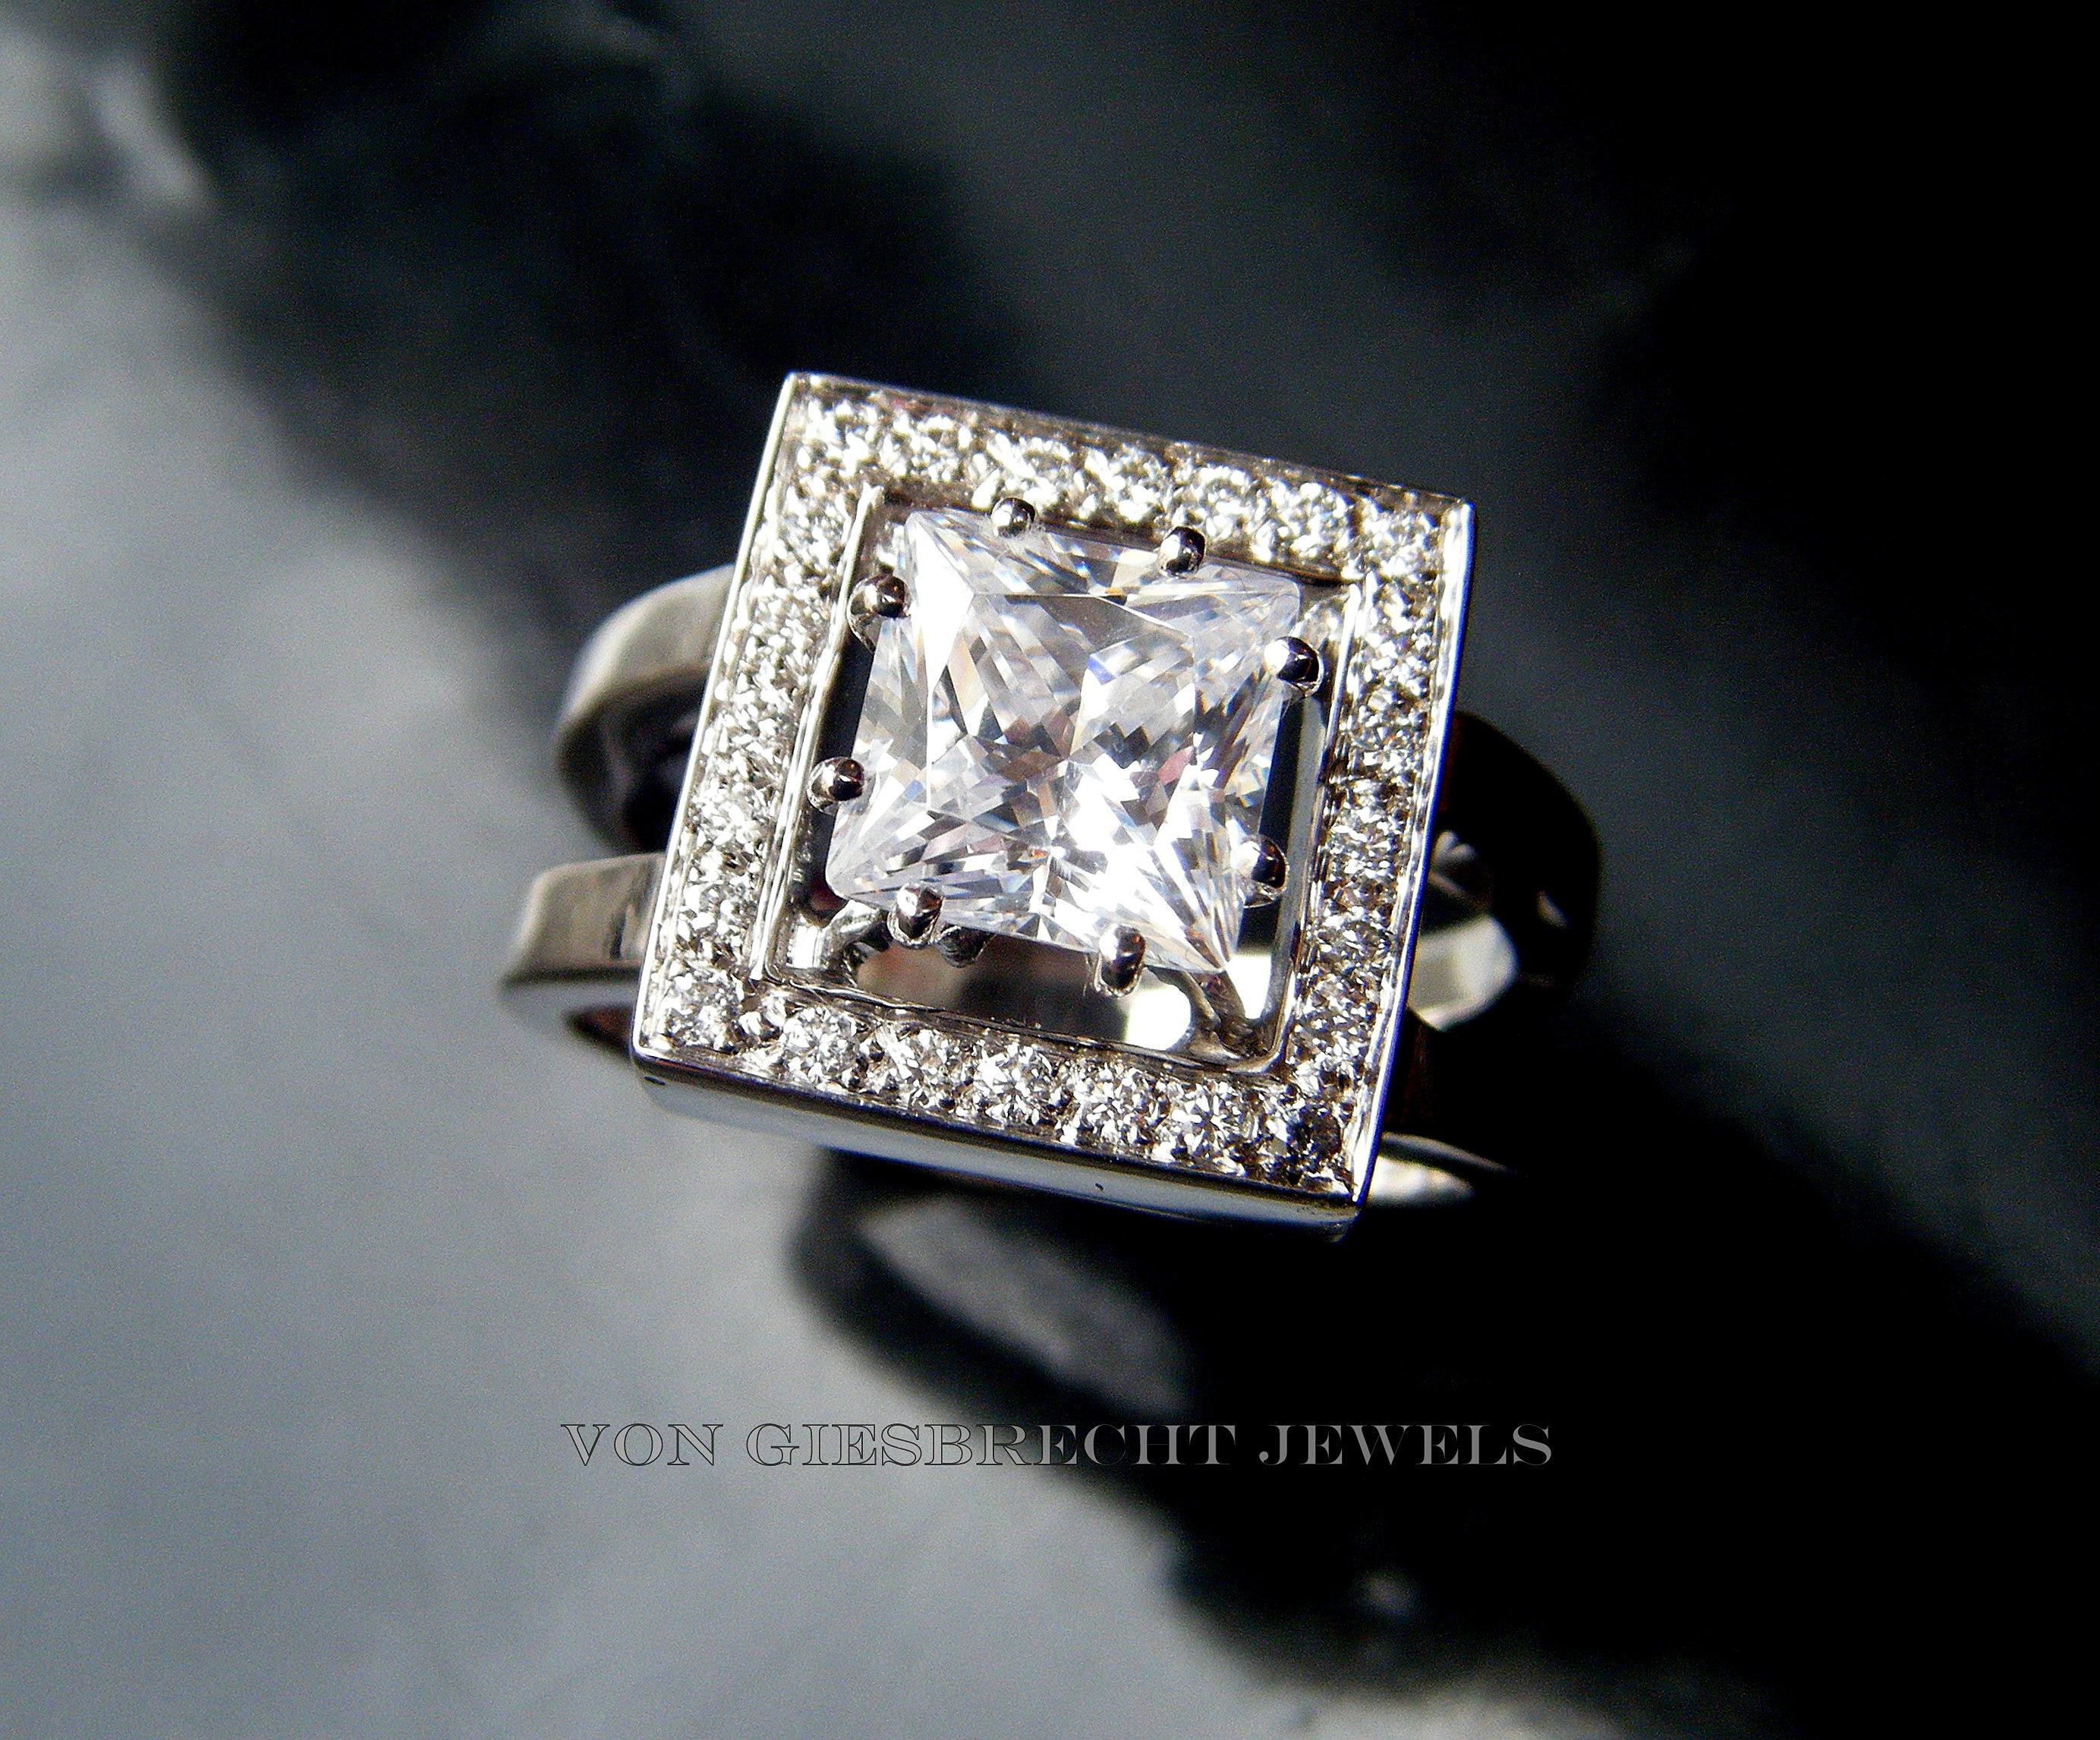 VonGiesbrecht Jewels